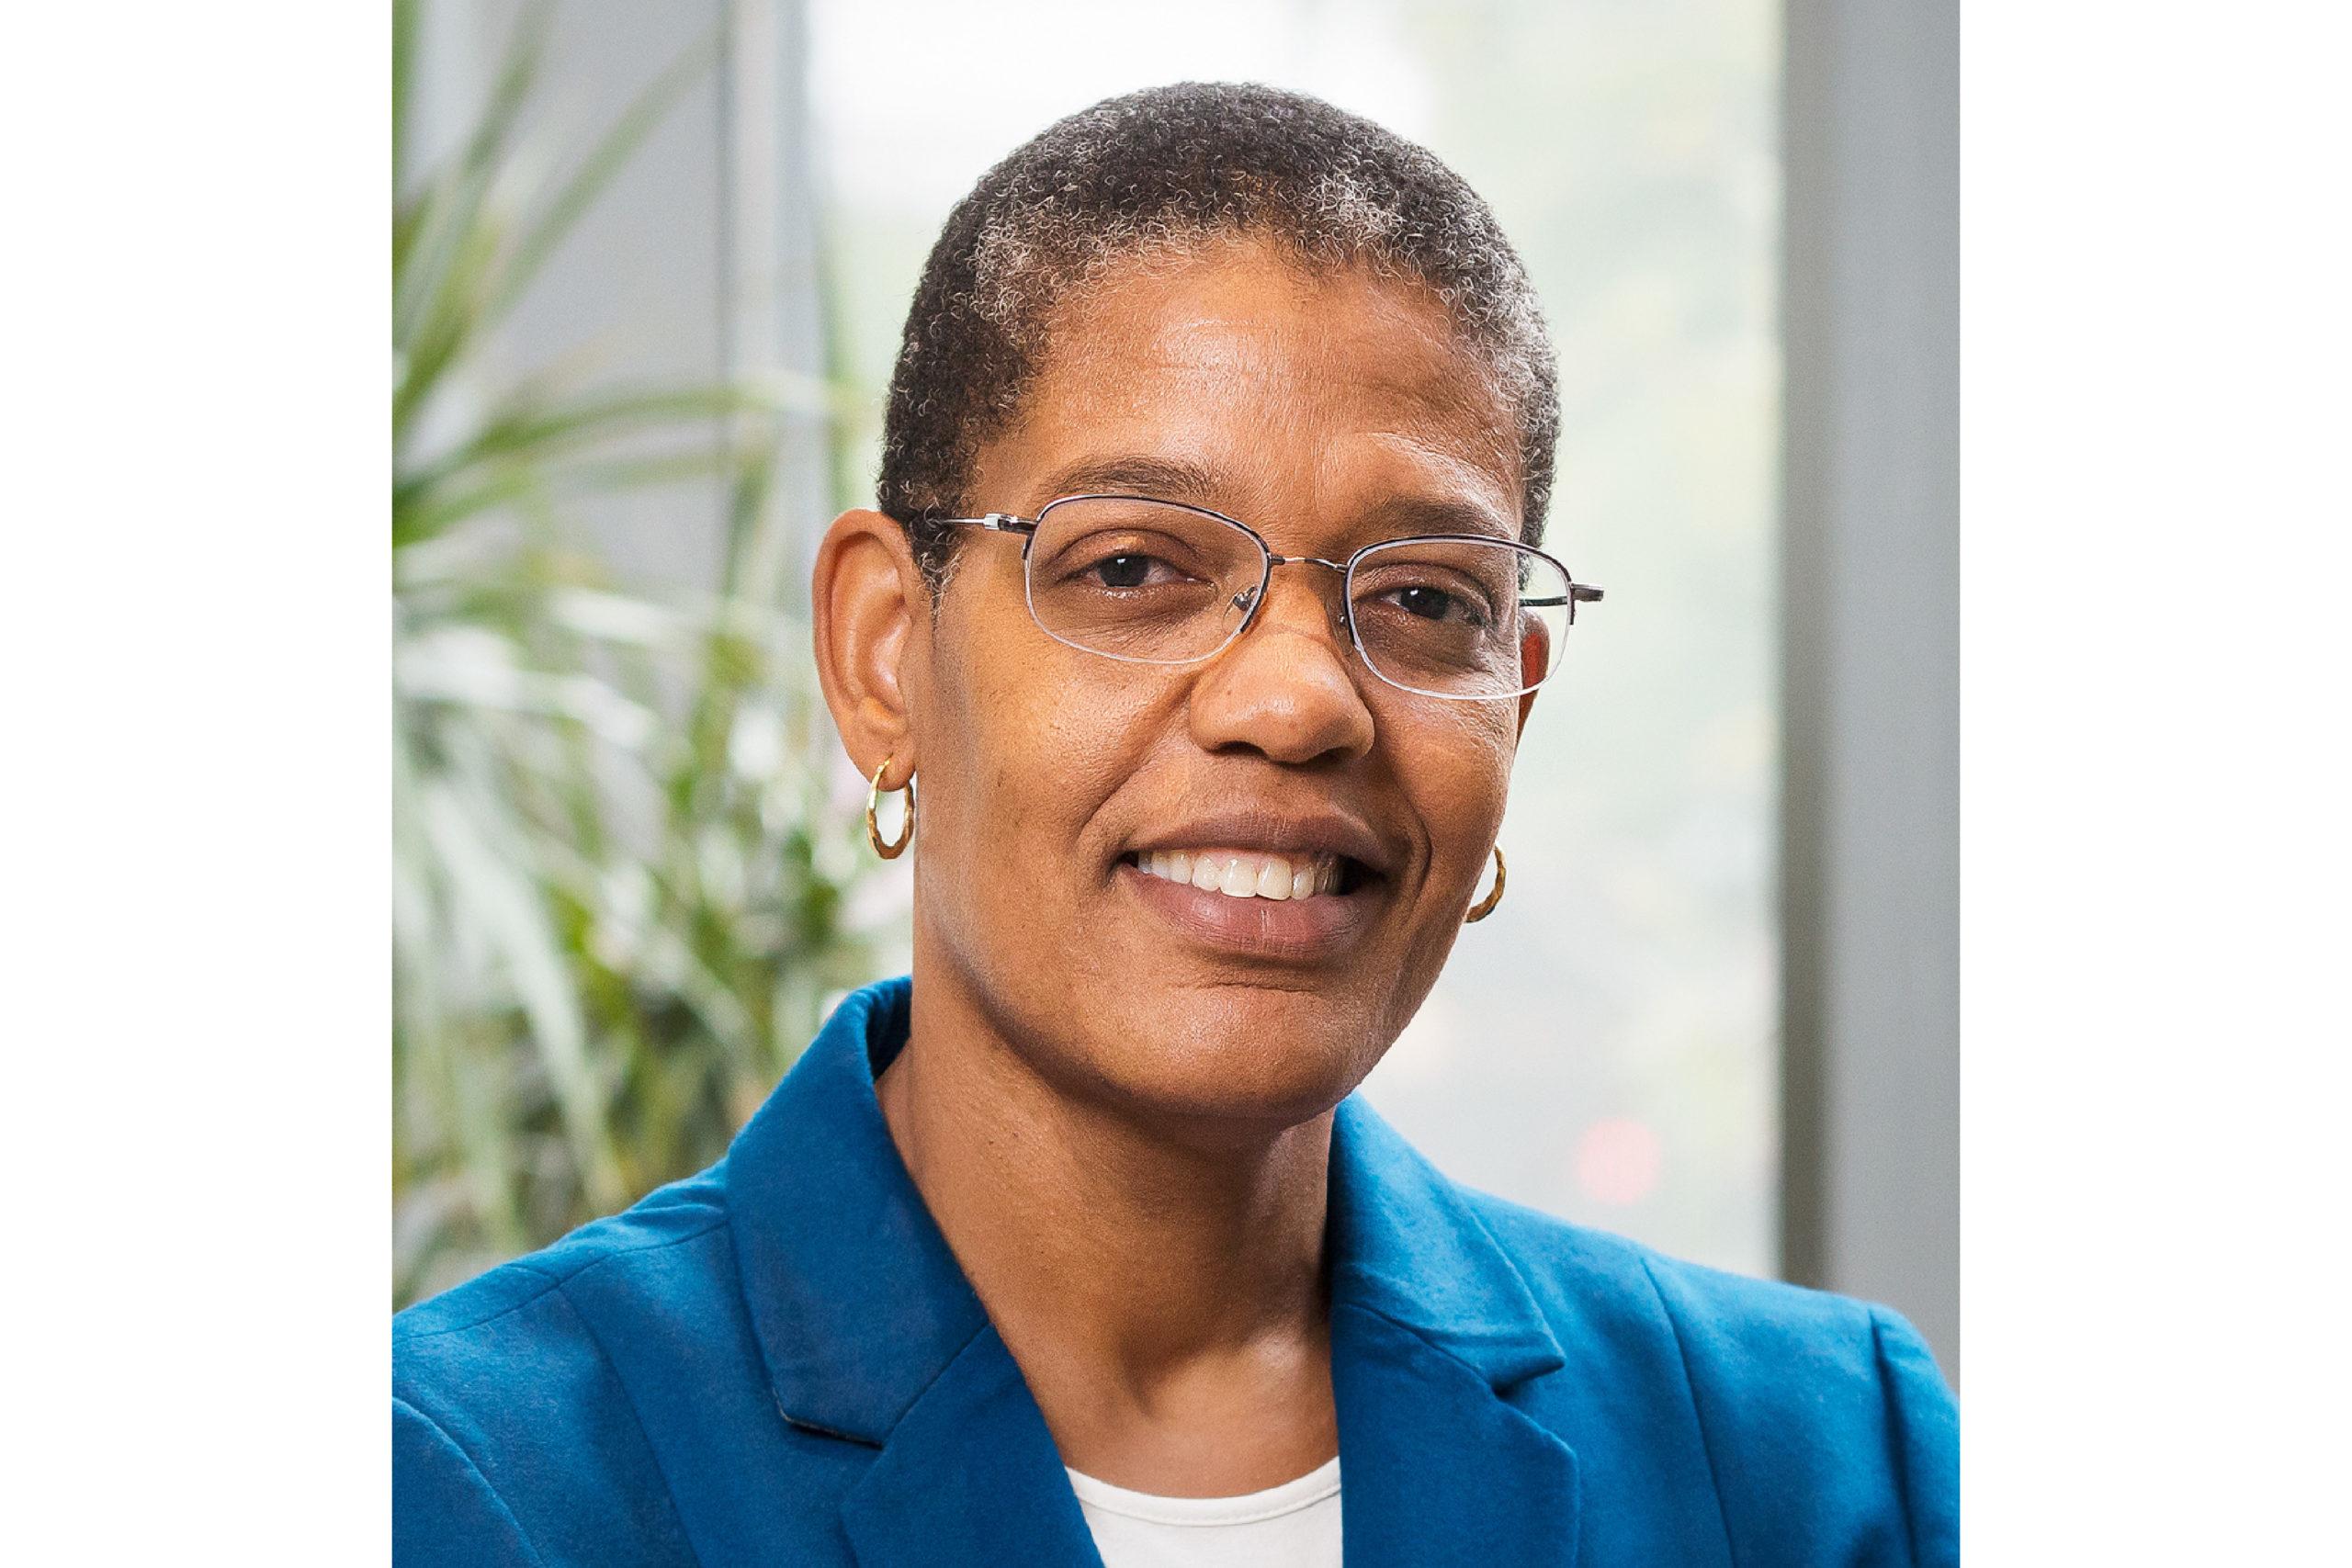 Dr. Michelle Williams